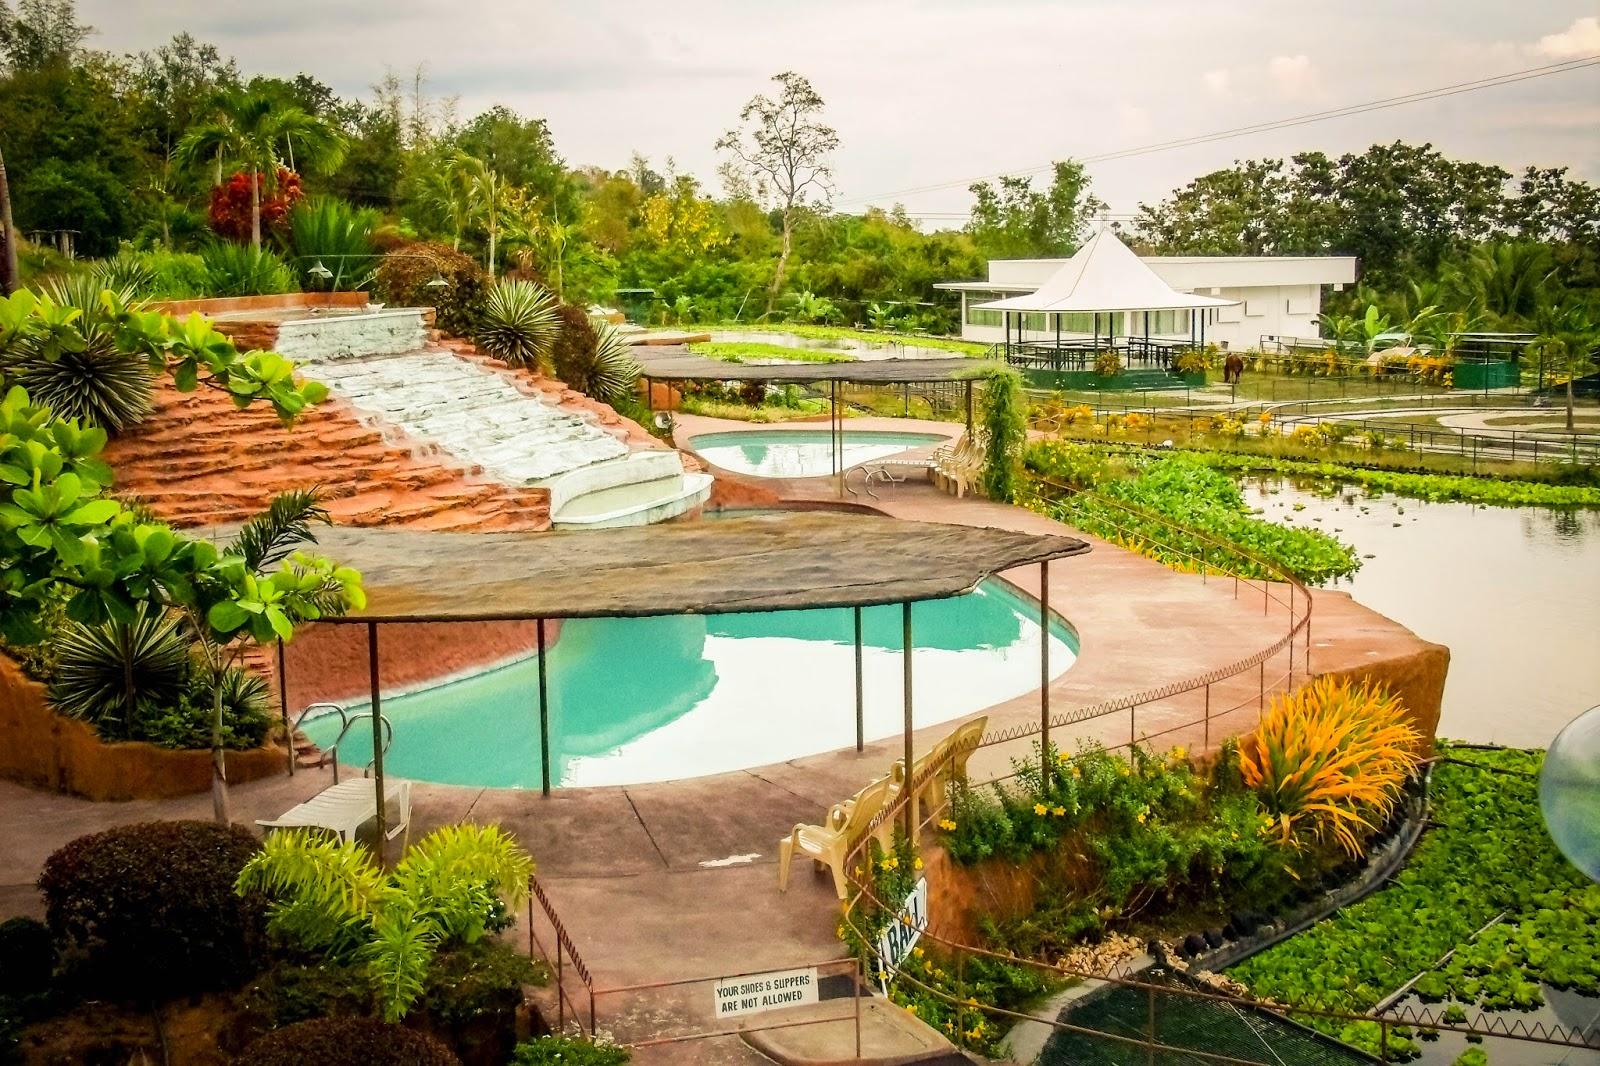 Garin farm inland resort san joaquin iloilo my iloilo for Farmhouse with swimming pool